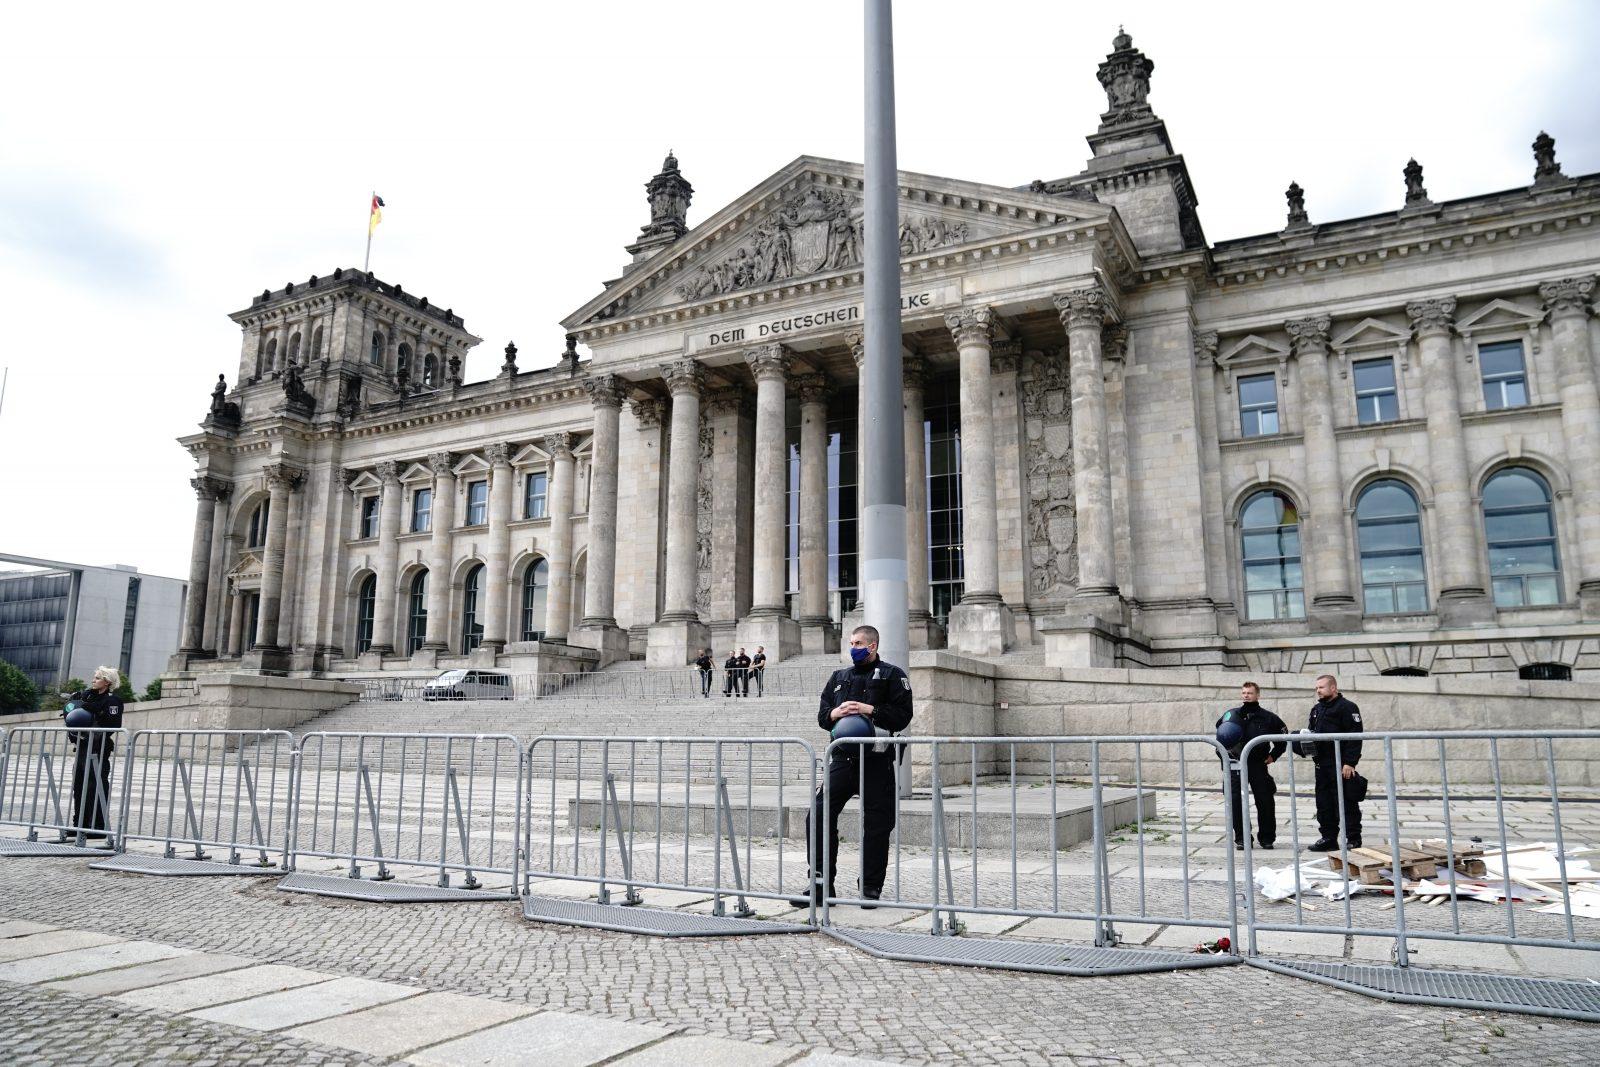 Polizisten bewachen den Reichstag: Nach dem Willen von CSU und Grünen soll eine dauerhafte Bannmeile bestehen Foto: picture alliance/Kay Nietfeld/dpa